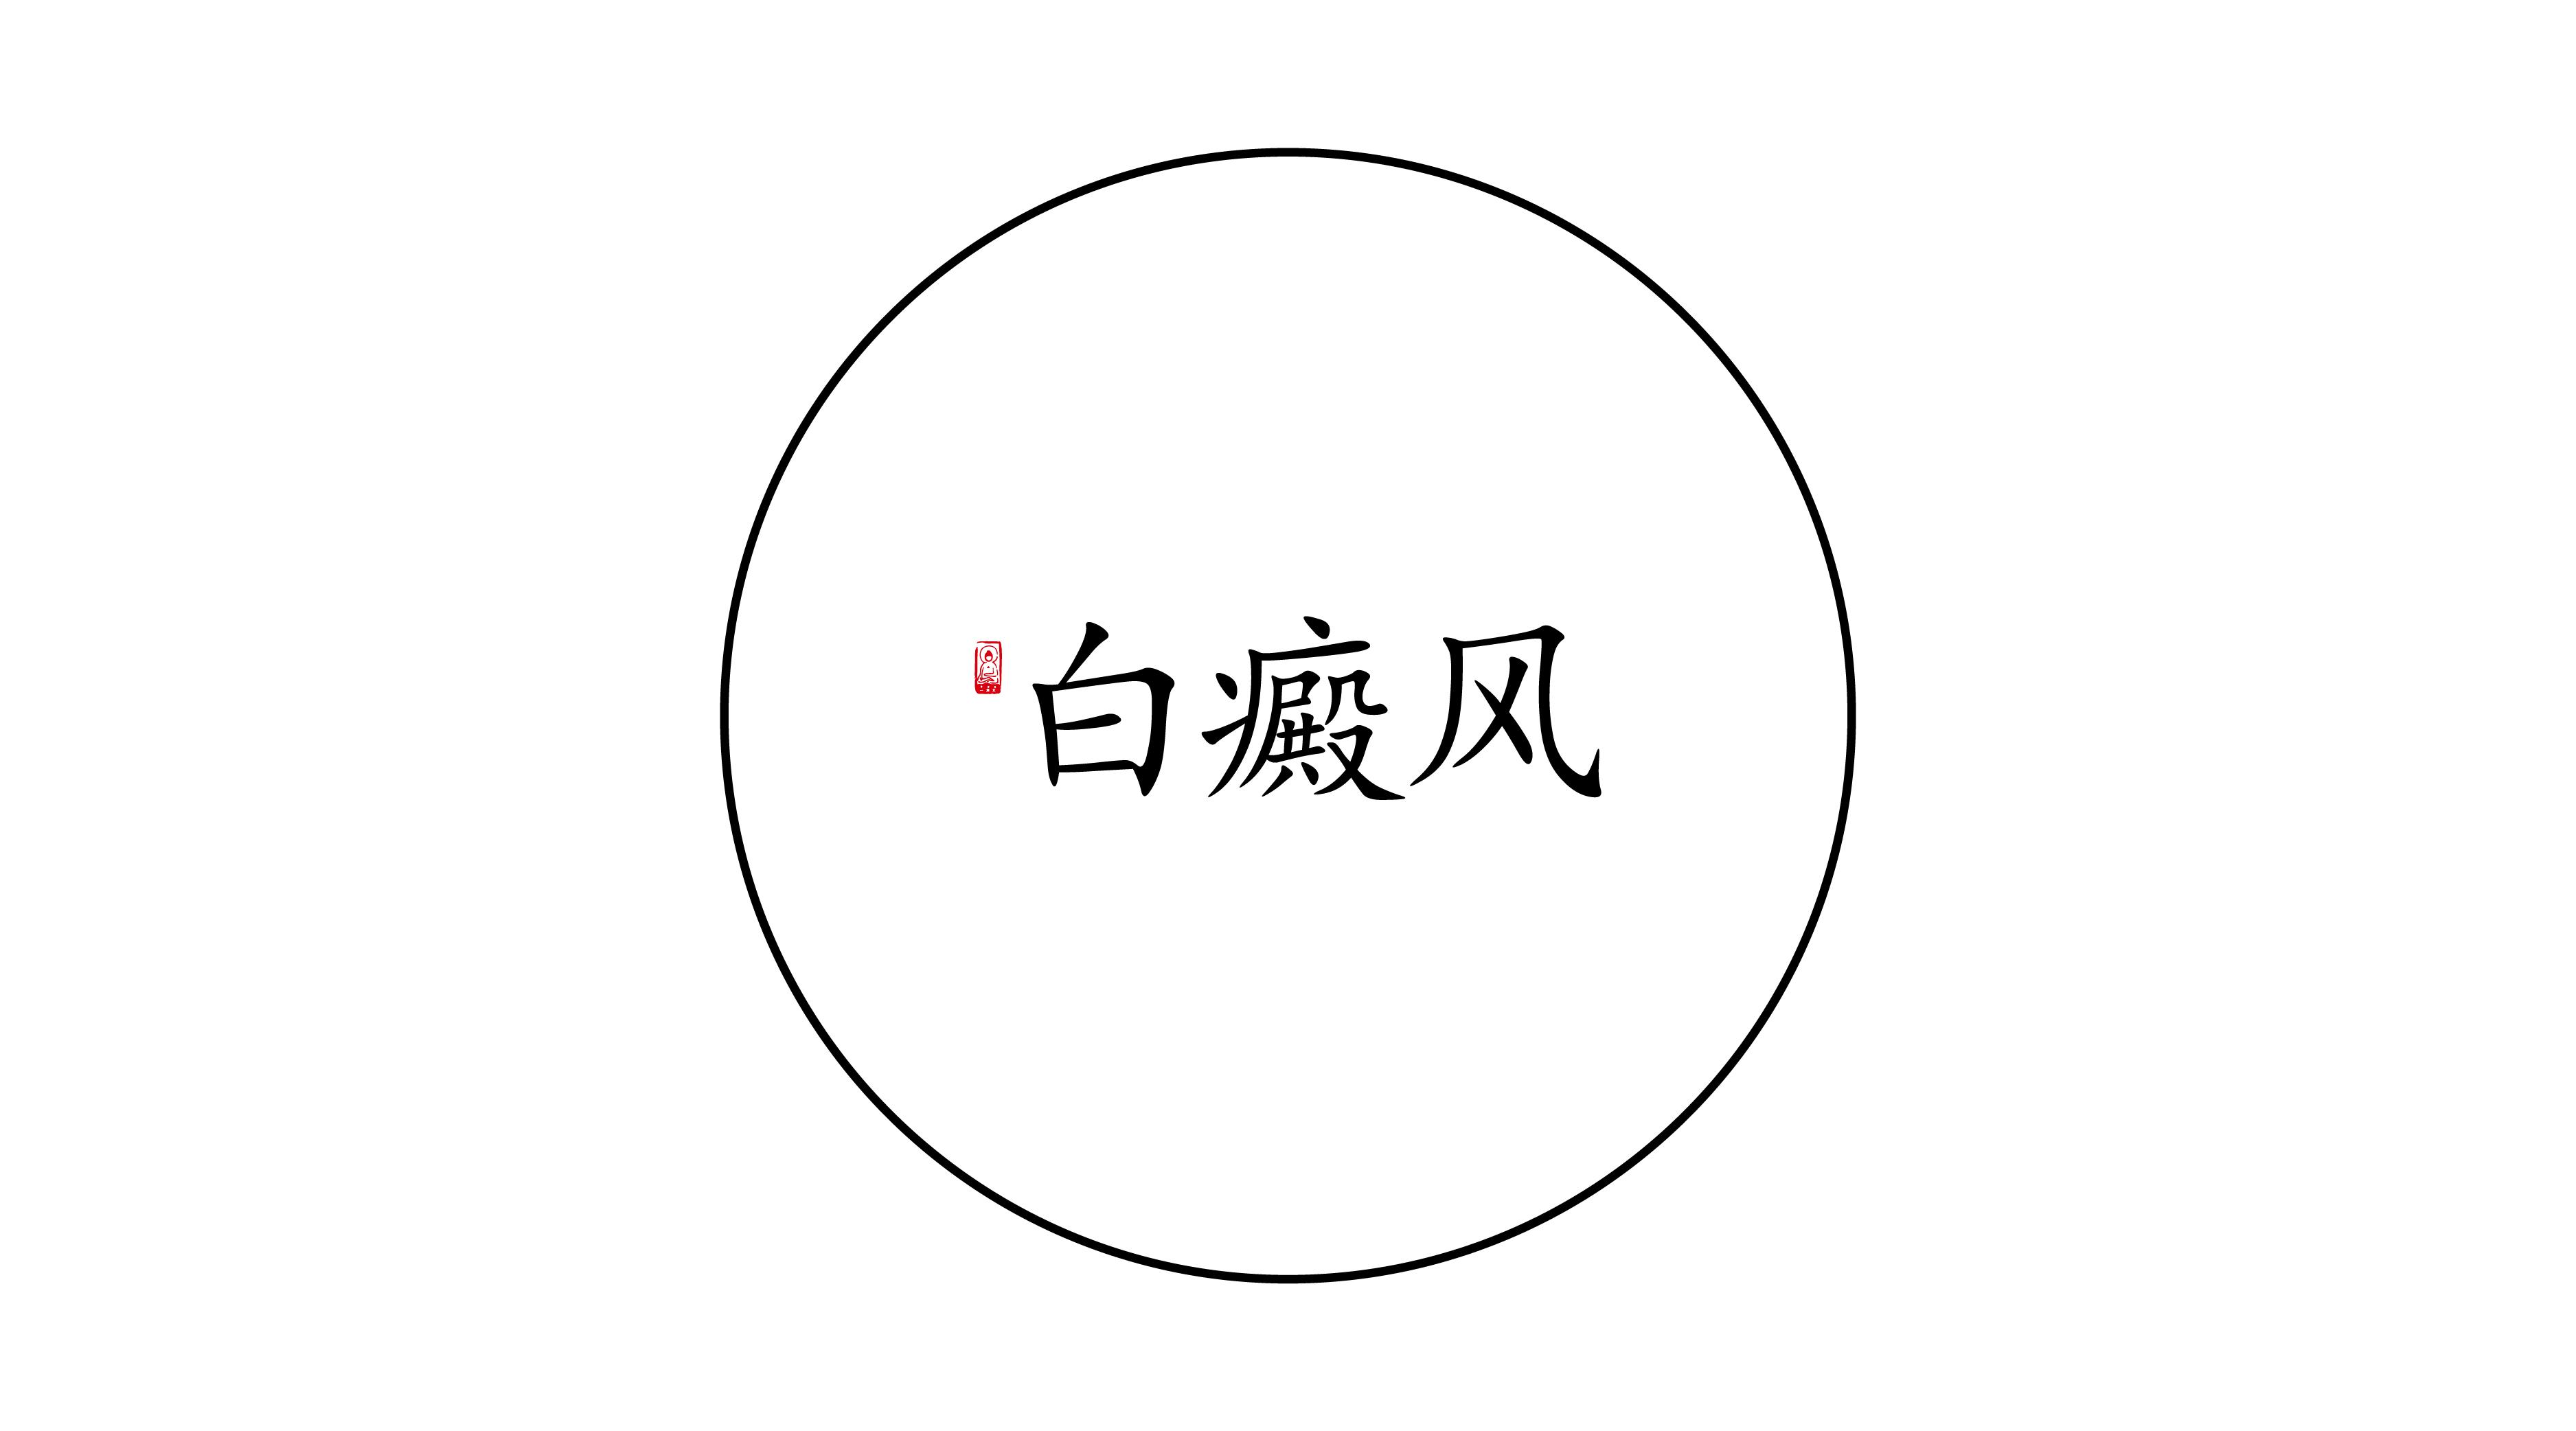 上海医院答白癜风的症状该如何区分?